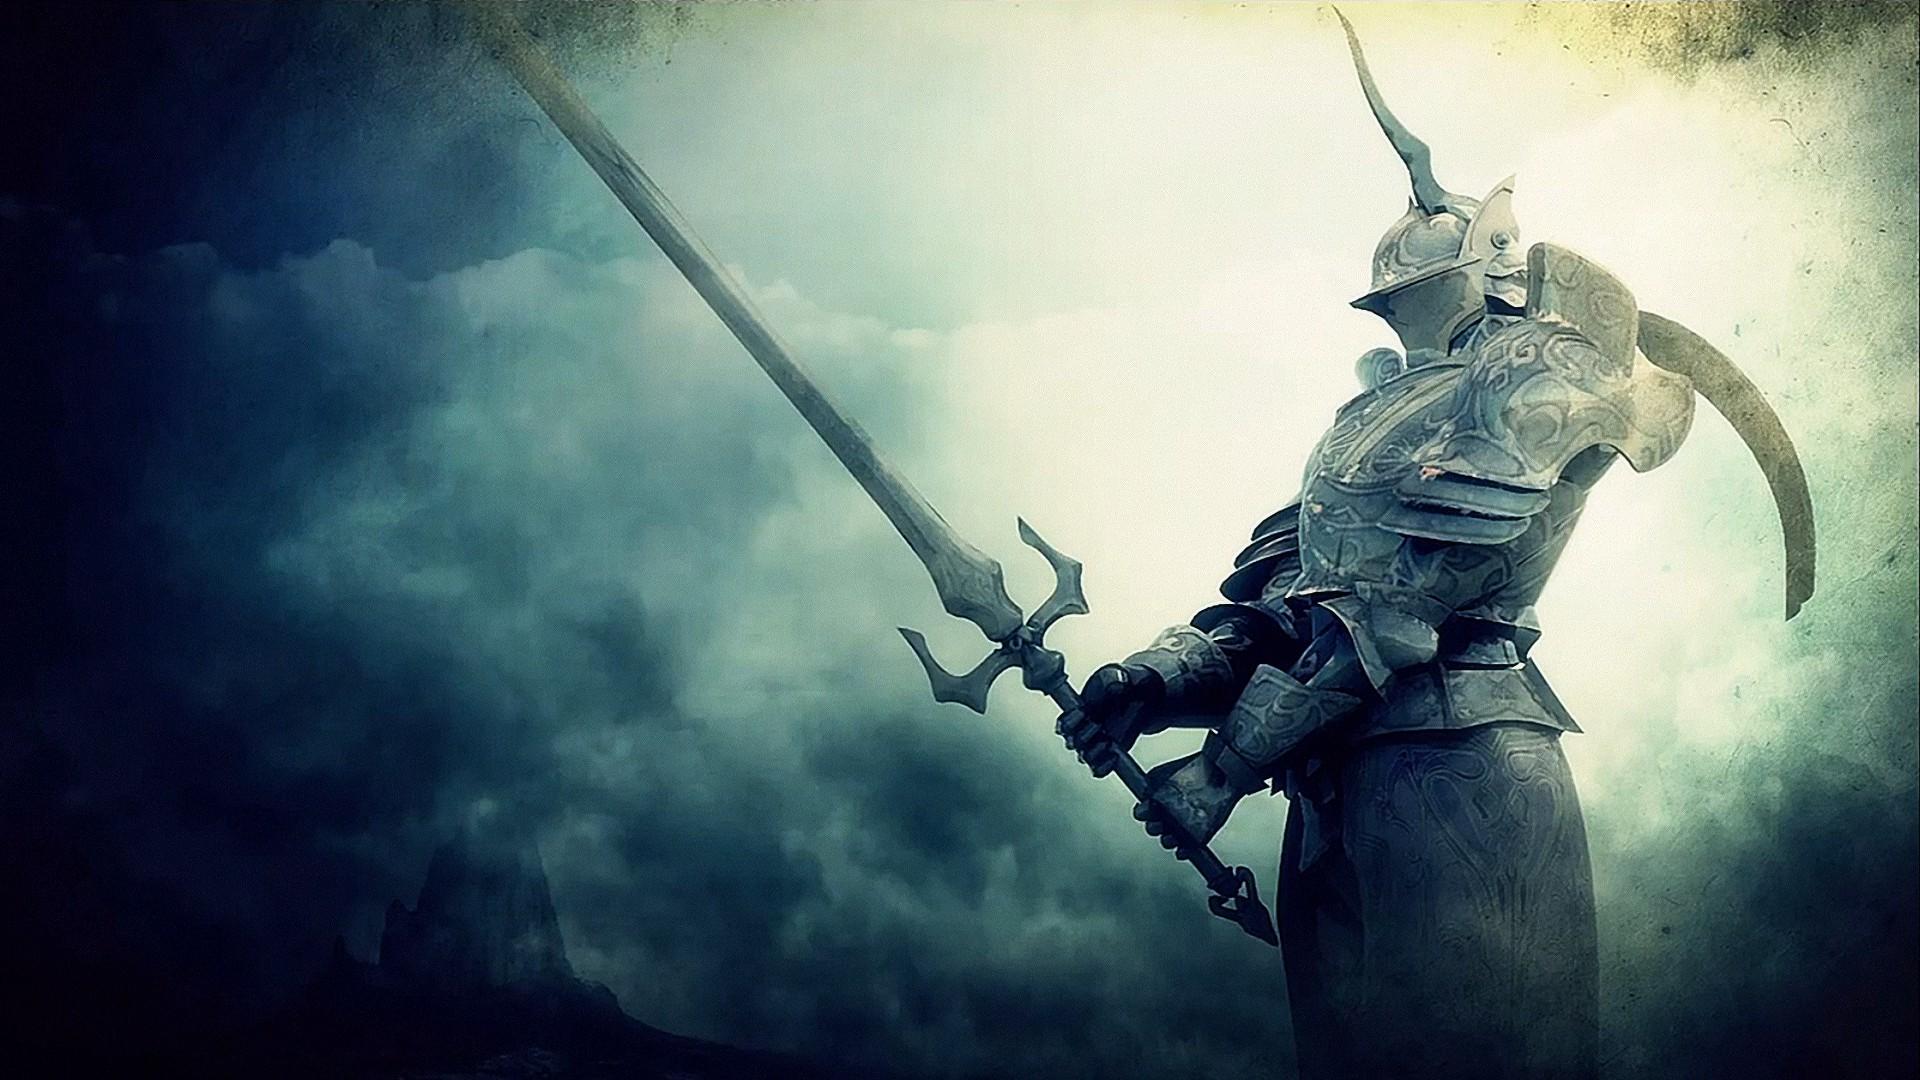 Knight - Demon's Souls